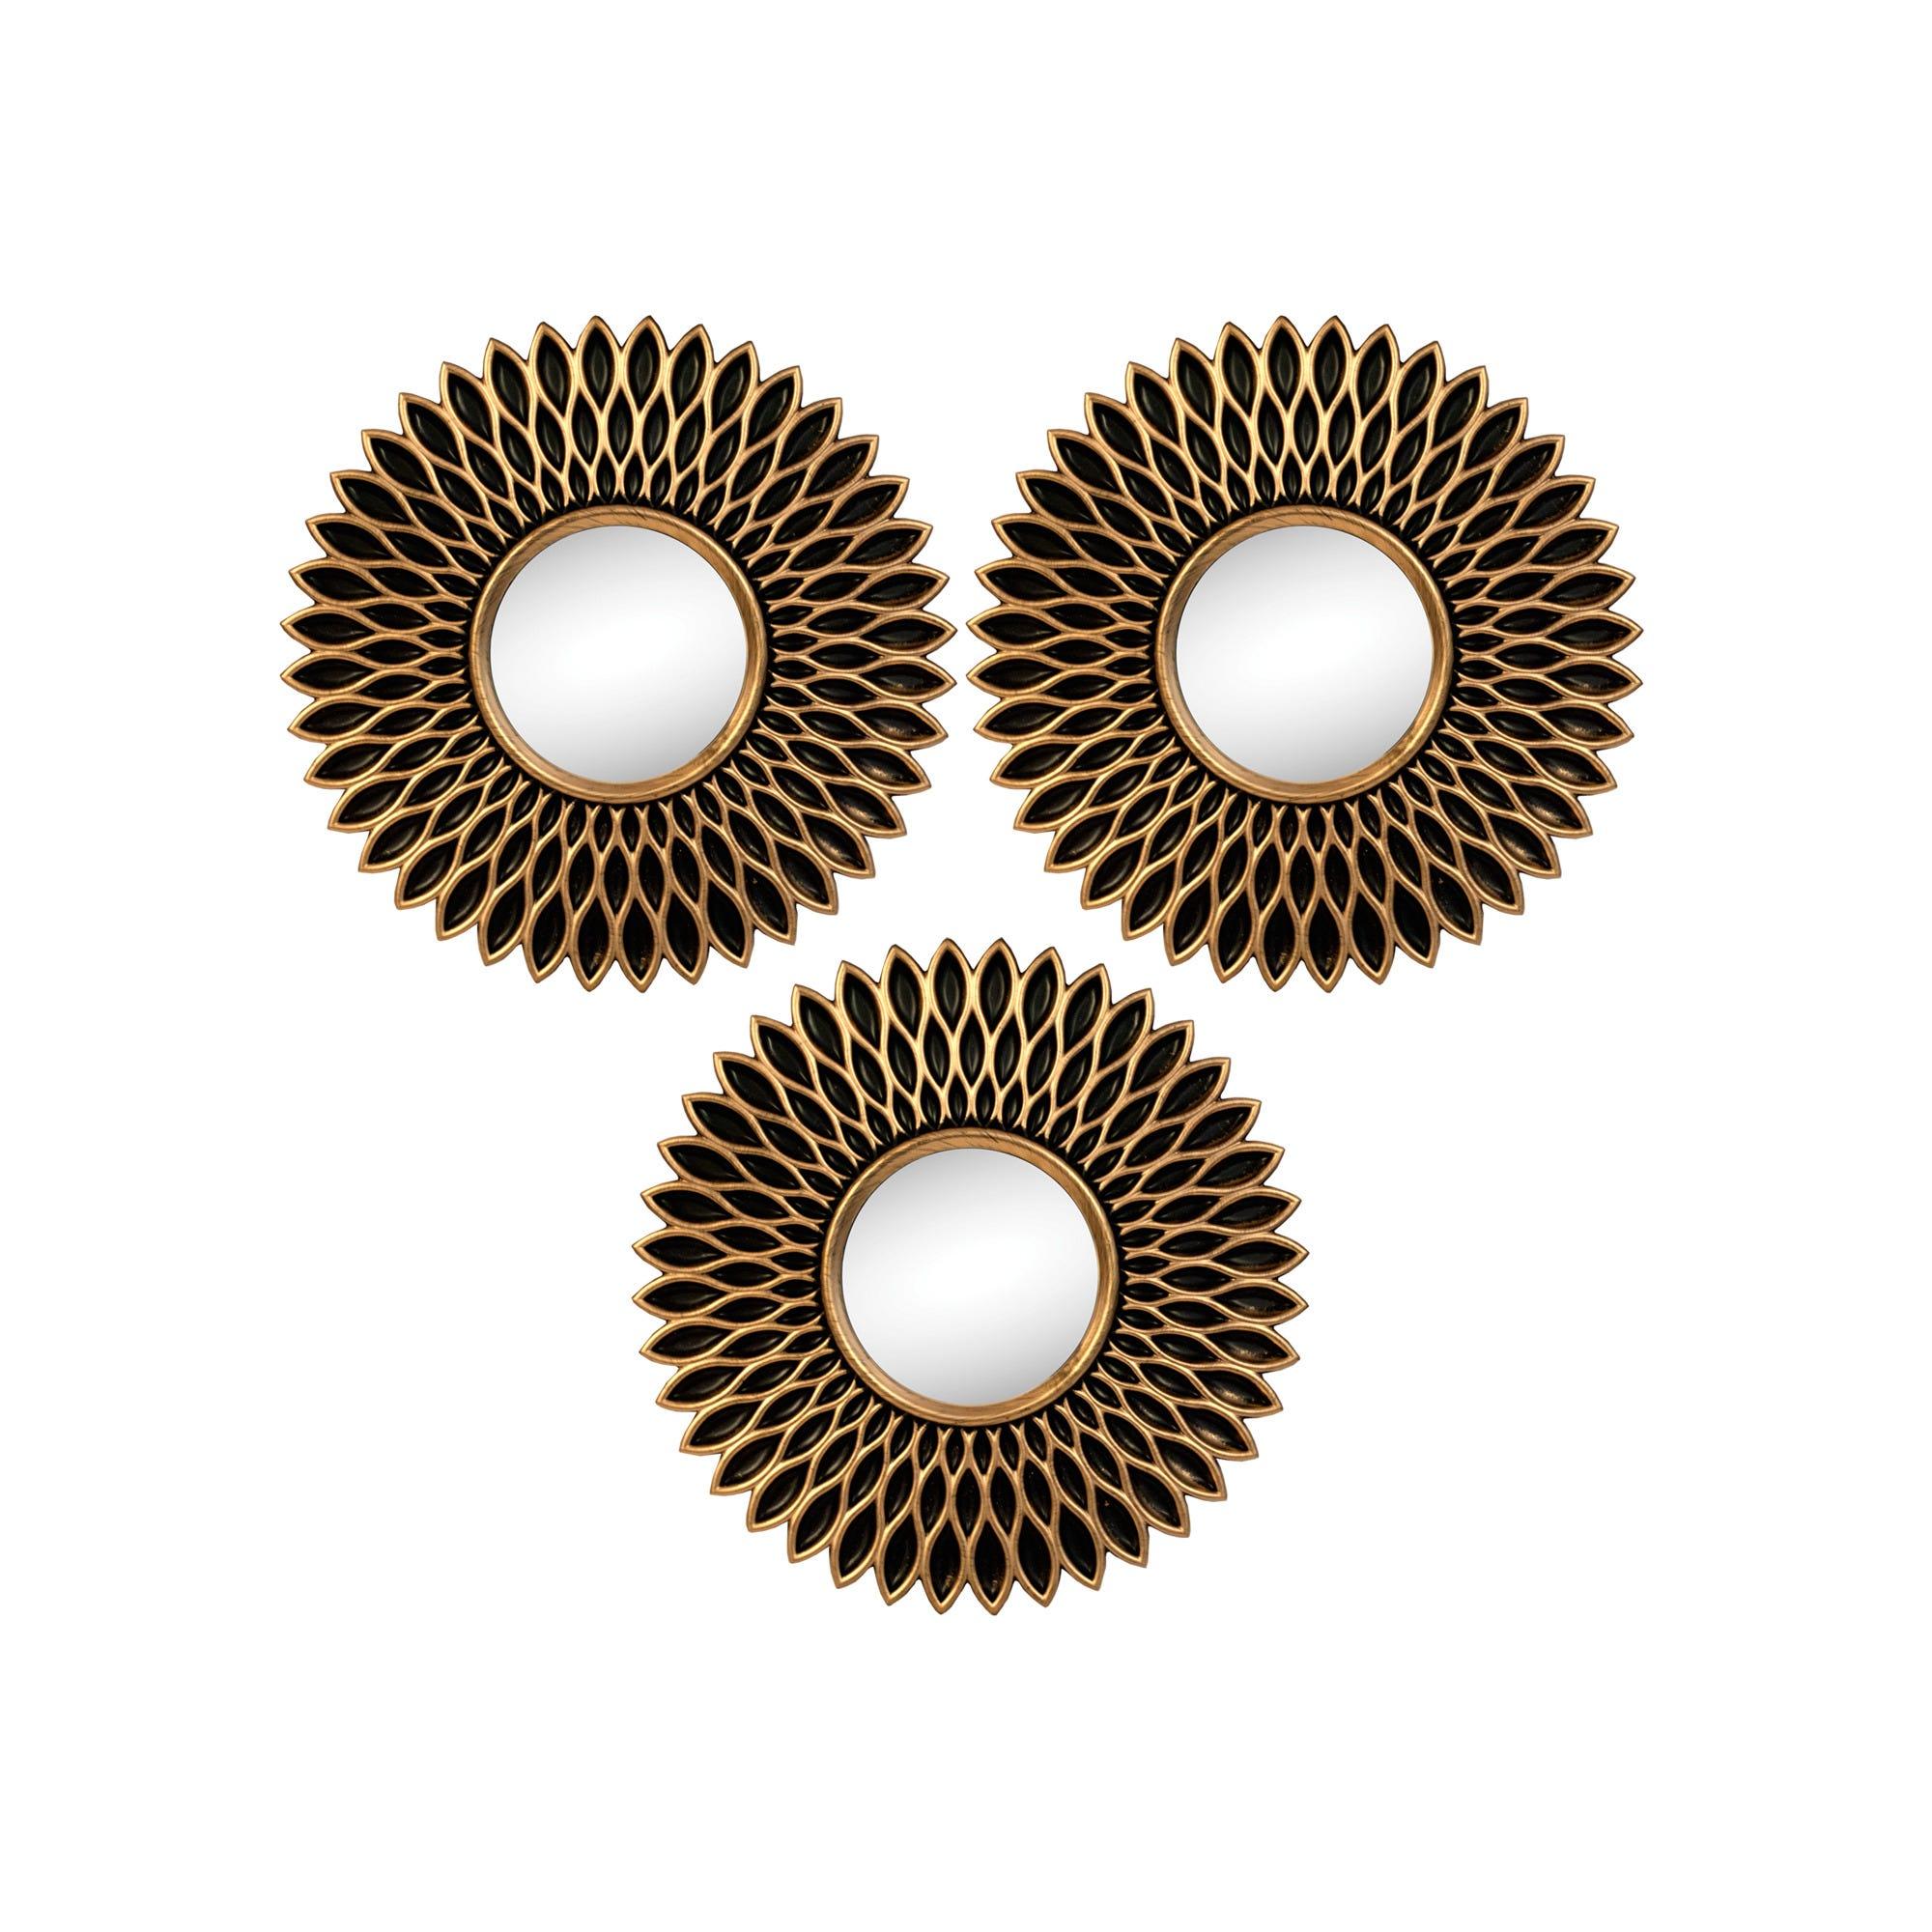 Bronze Sunflower Mirror Set - Qty 4